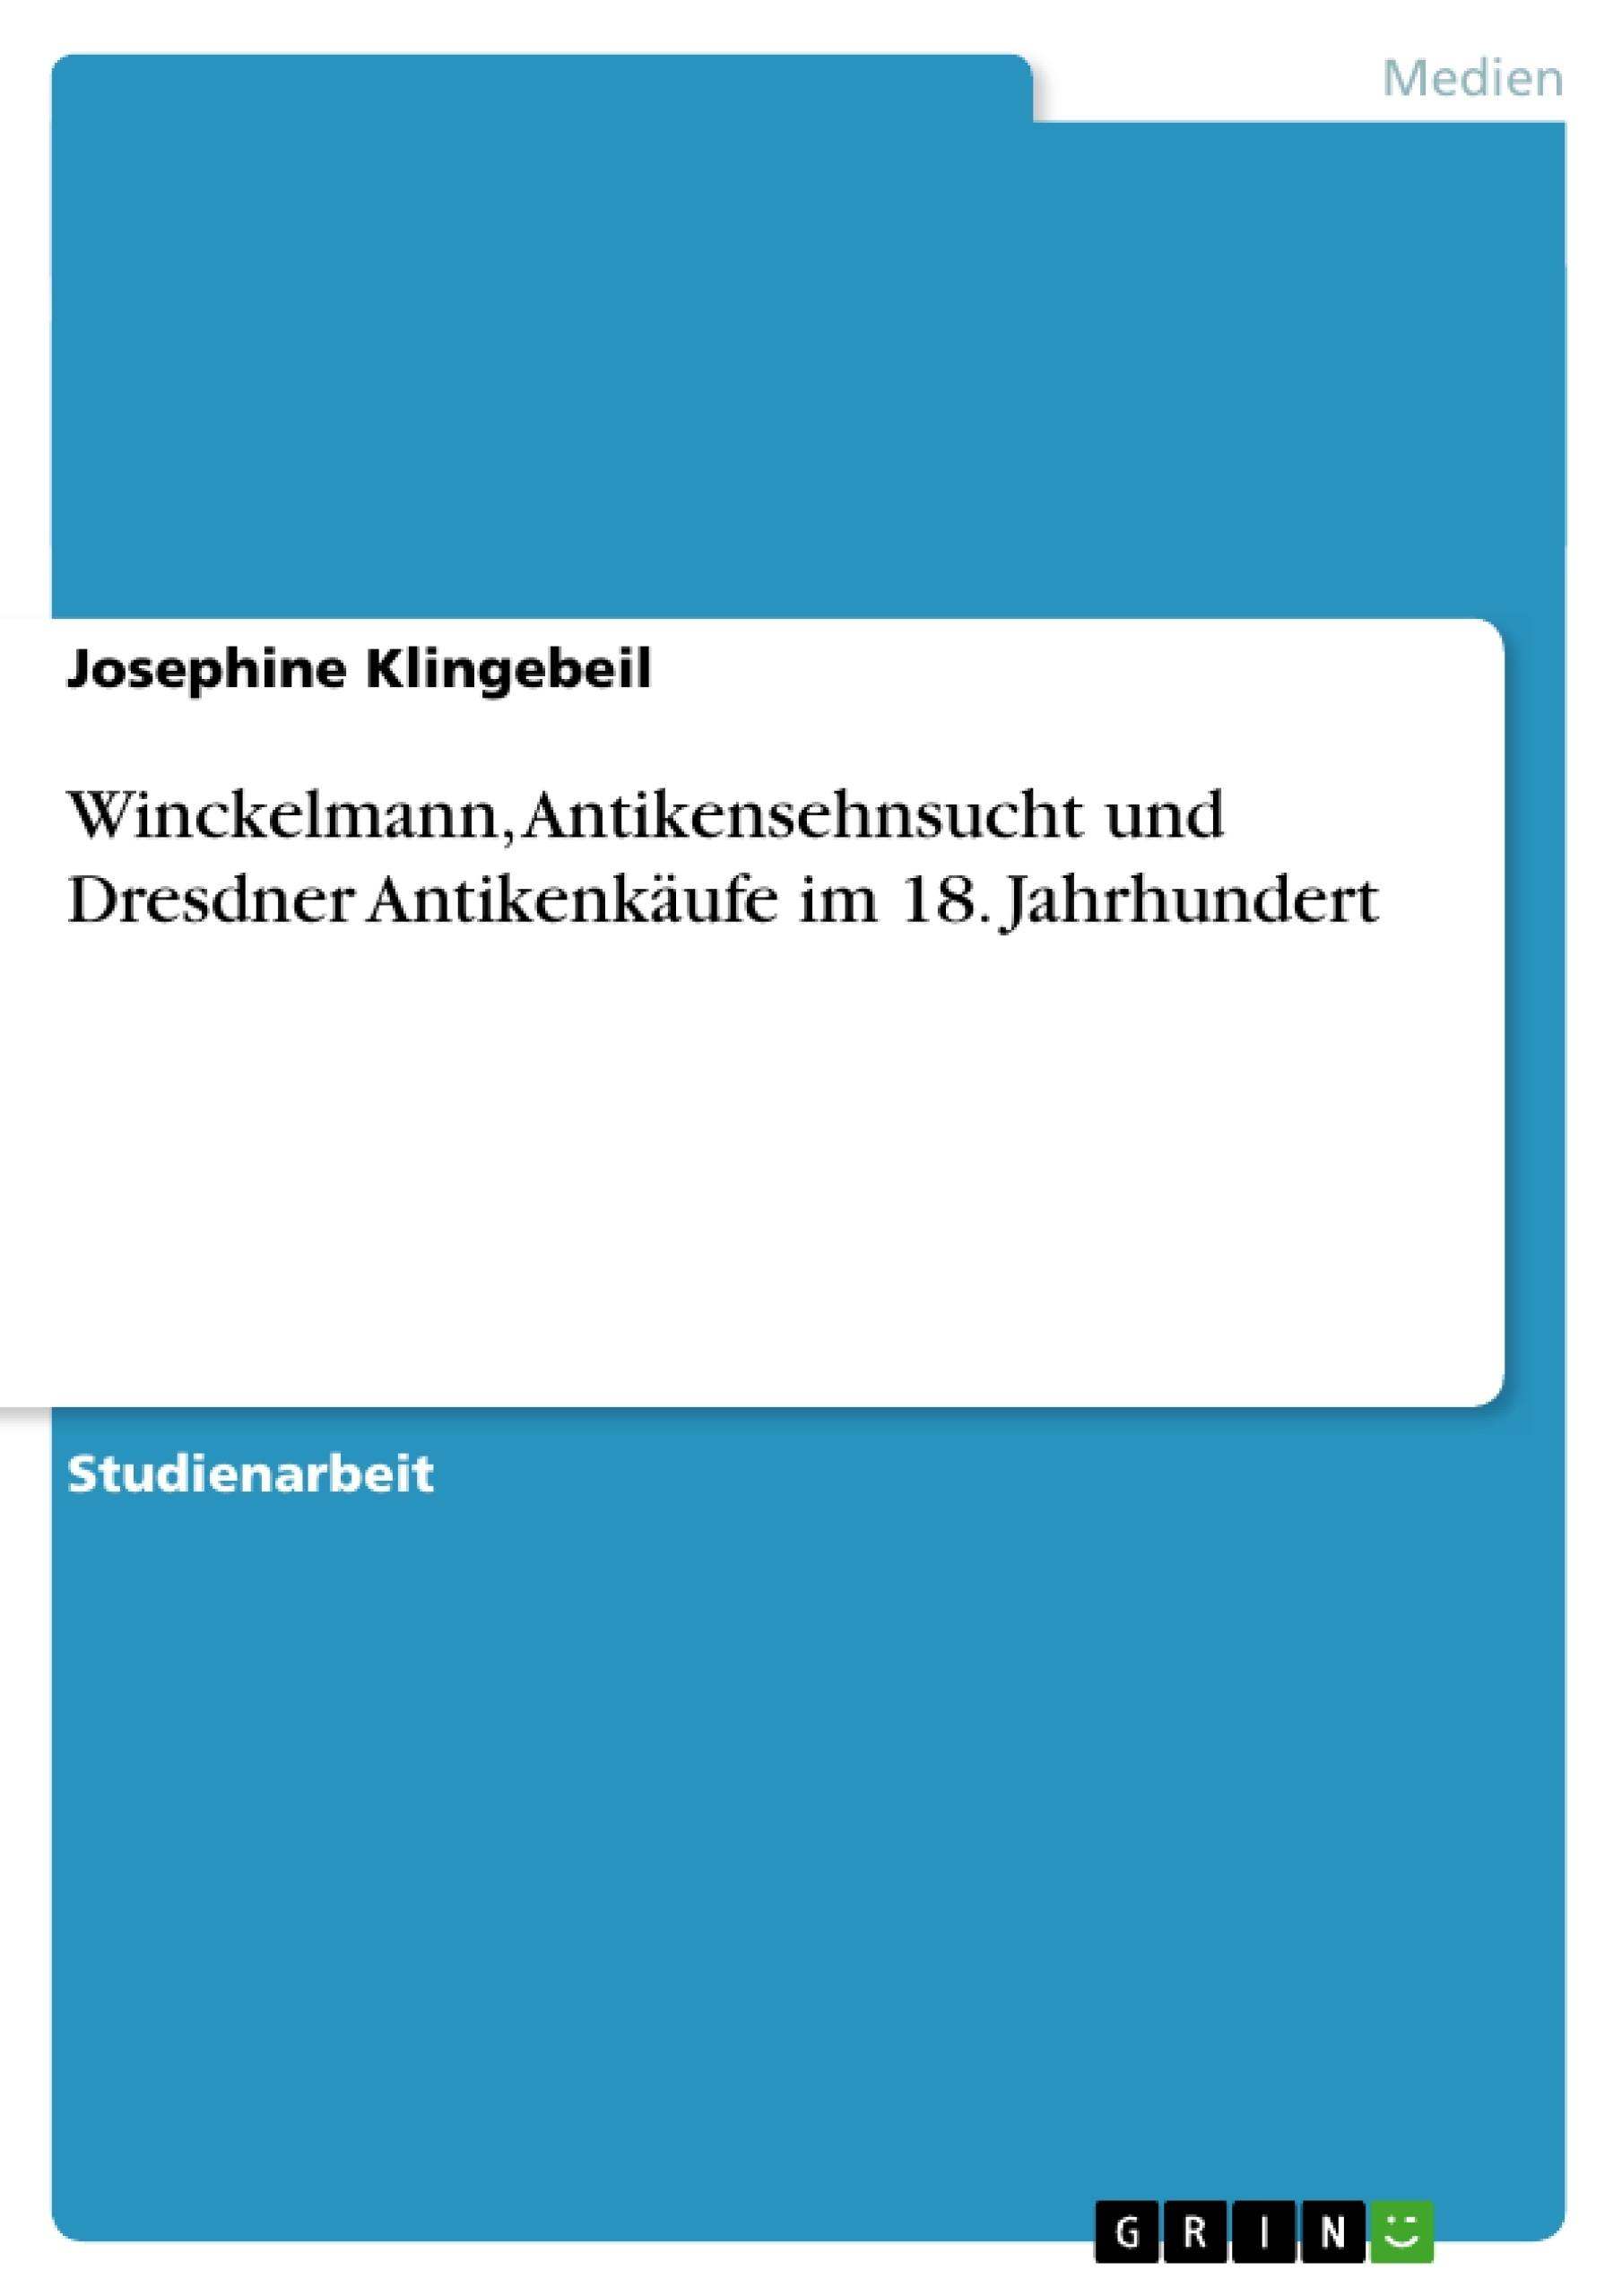 Titel: Winckelmann, Antikensehnsucht und Dresdner Antikenkäufe im 18. Jahrhundert